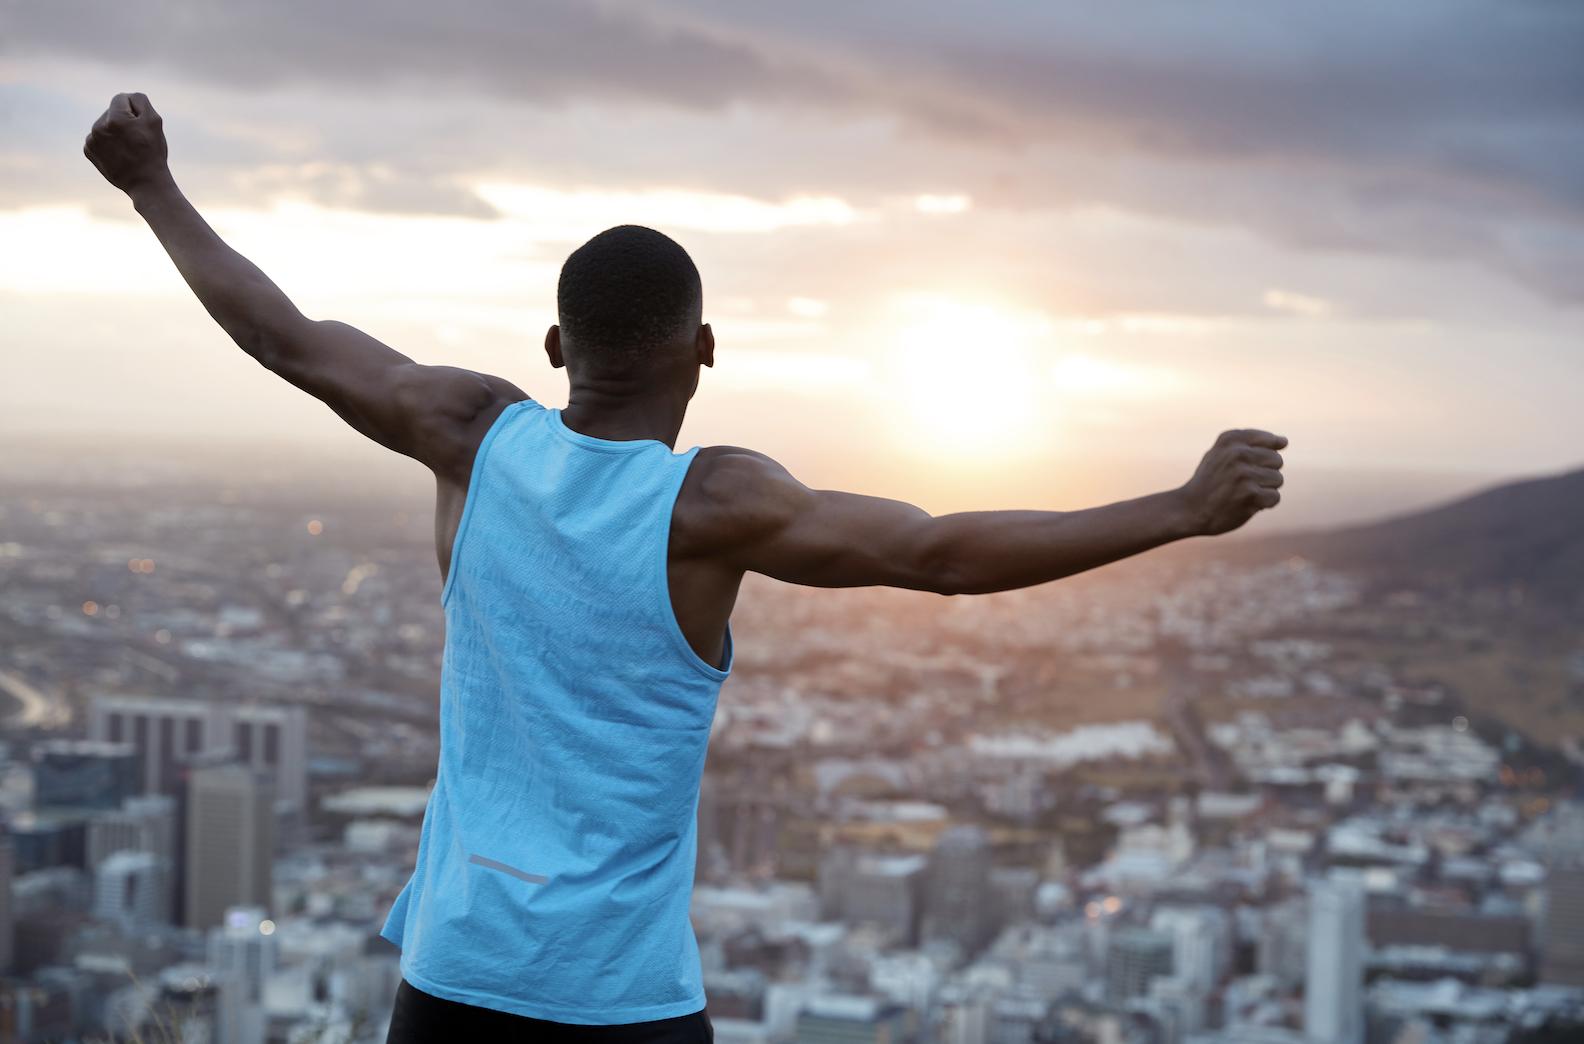 La préparation mentale, un outil de performance  pour les sportifs